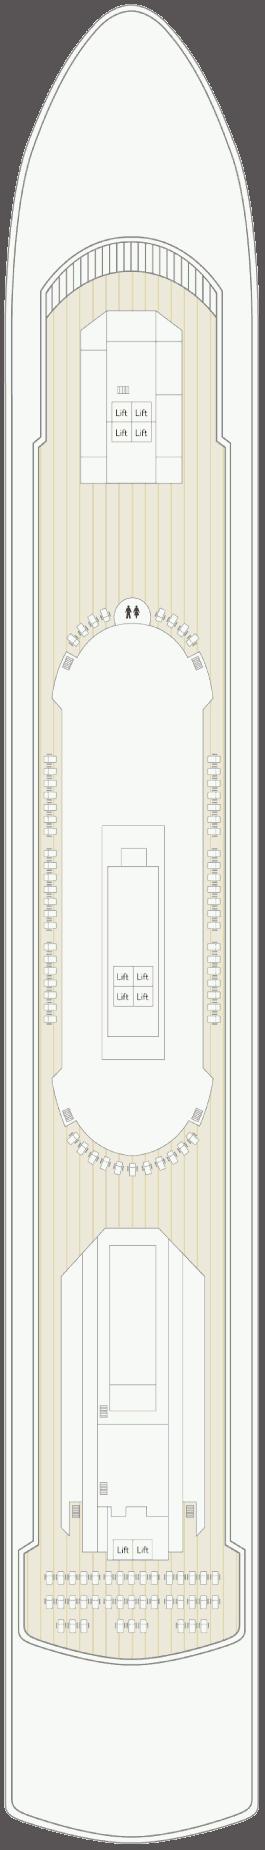 Thomson Majesty Deck 11